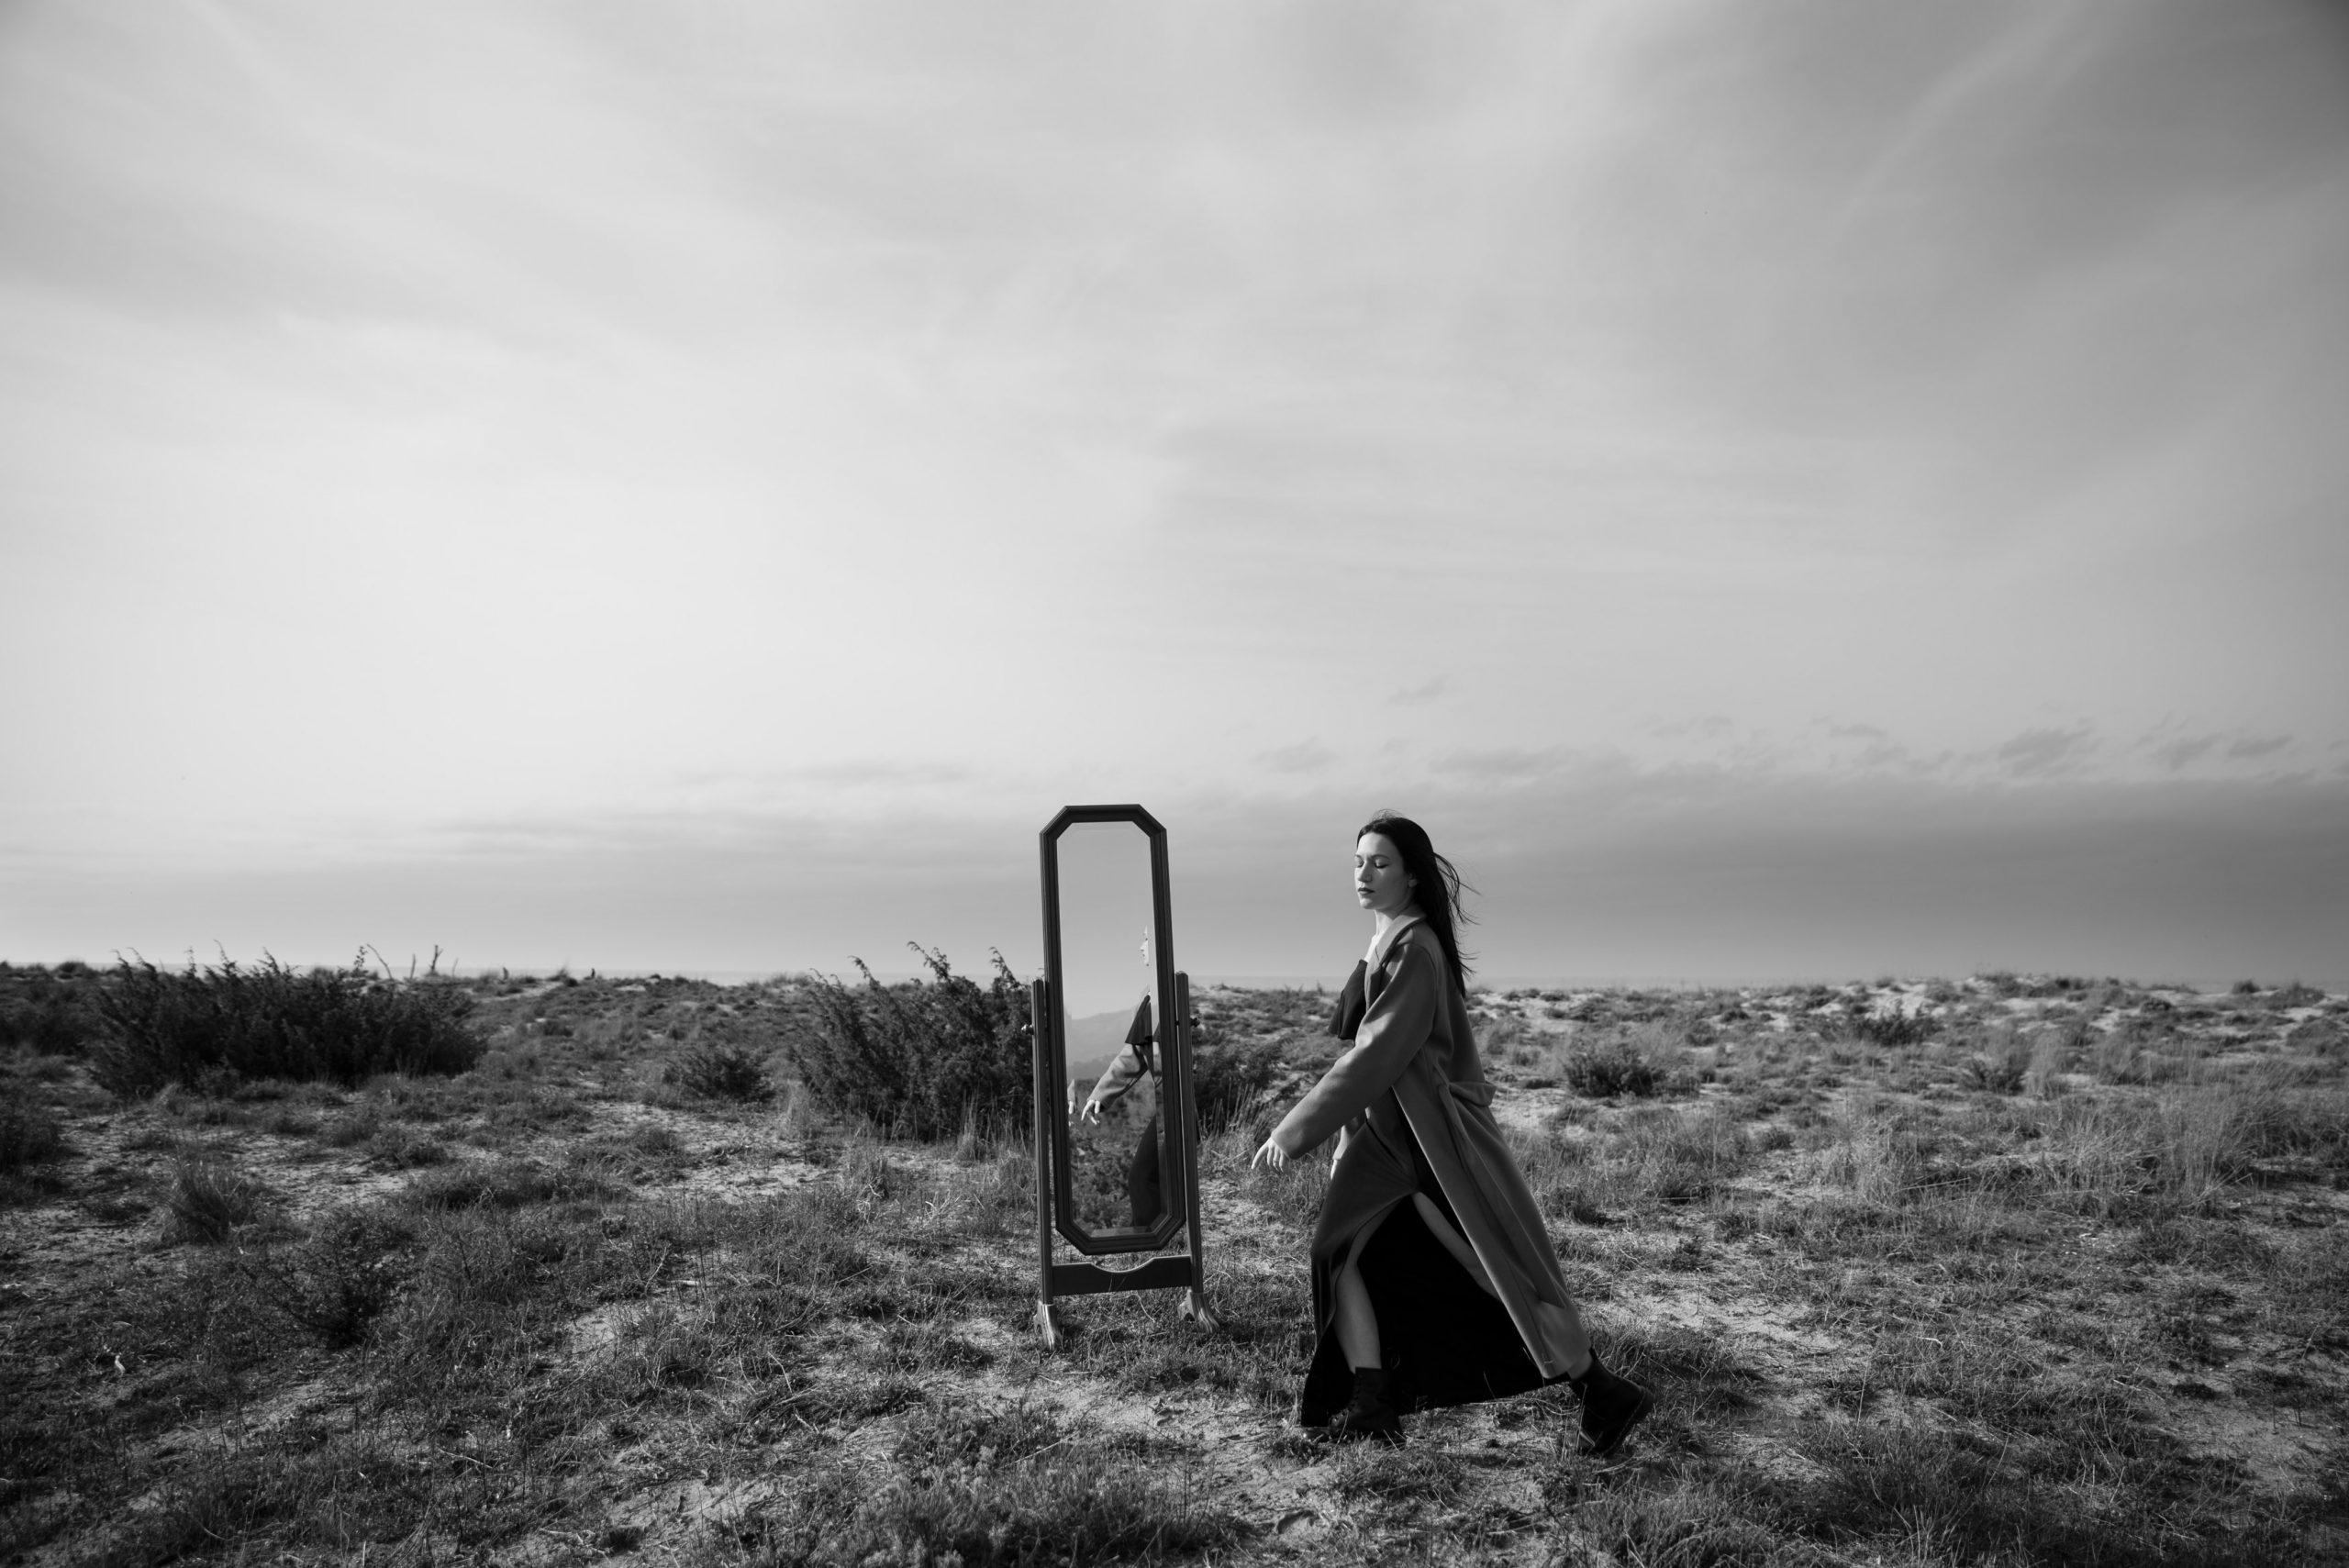 Categorie: Landscape & Nature, Glamour, Fashion, Portrait; Photographer: MASSIMILIANO TOLENTINI (tolemax); Model: REBECCA DONATI; Location: Viareggio